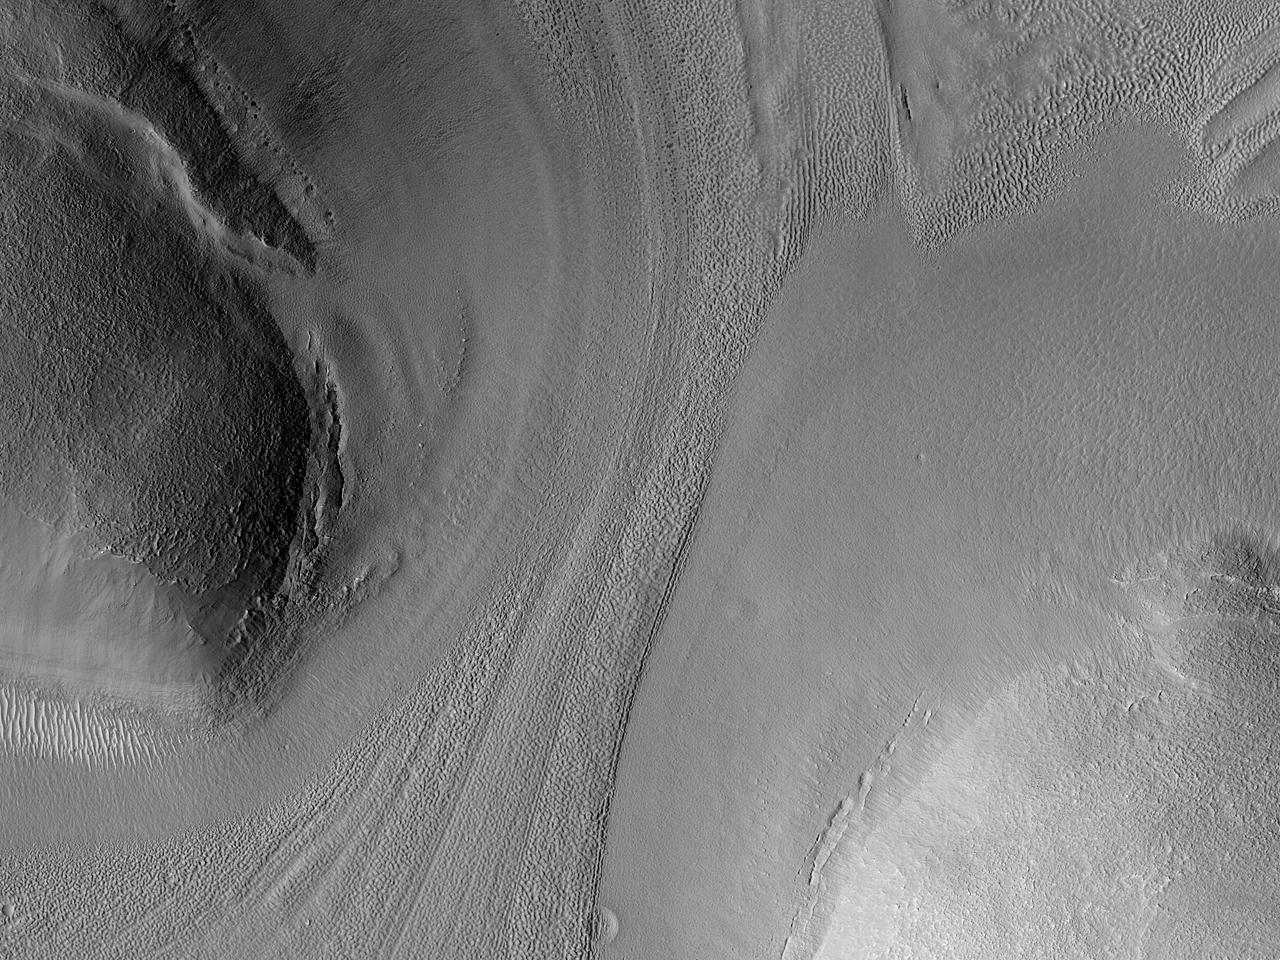 Особенности потоков в столовых горах Deuteronilus Mensae